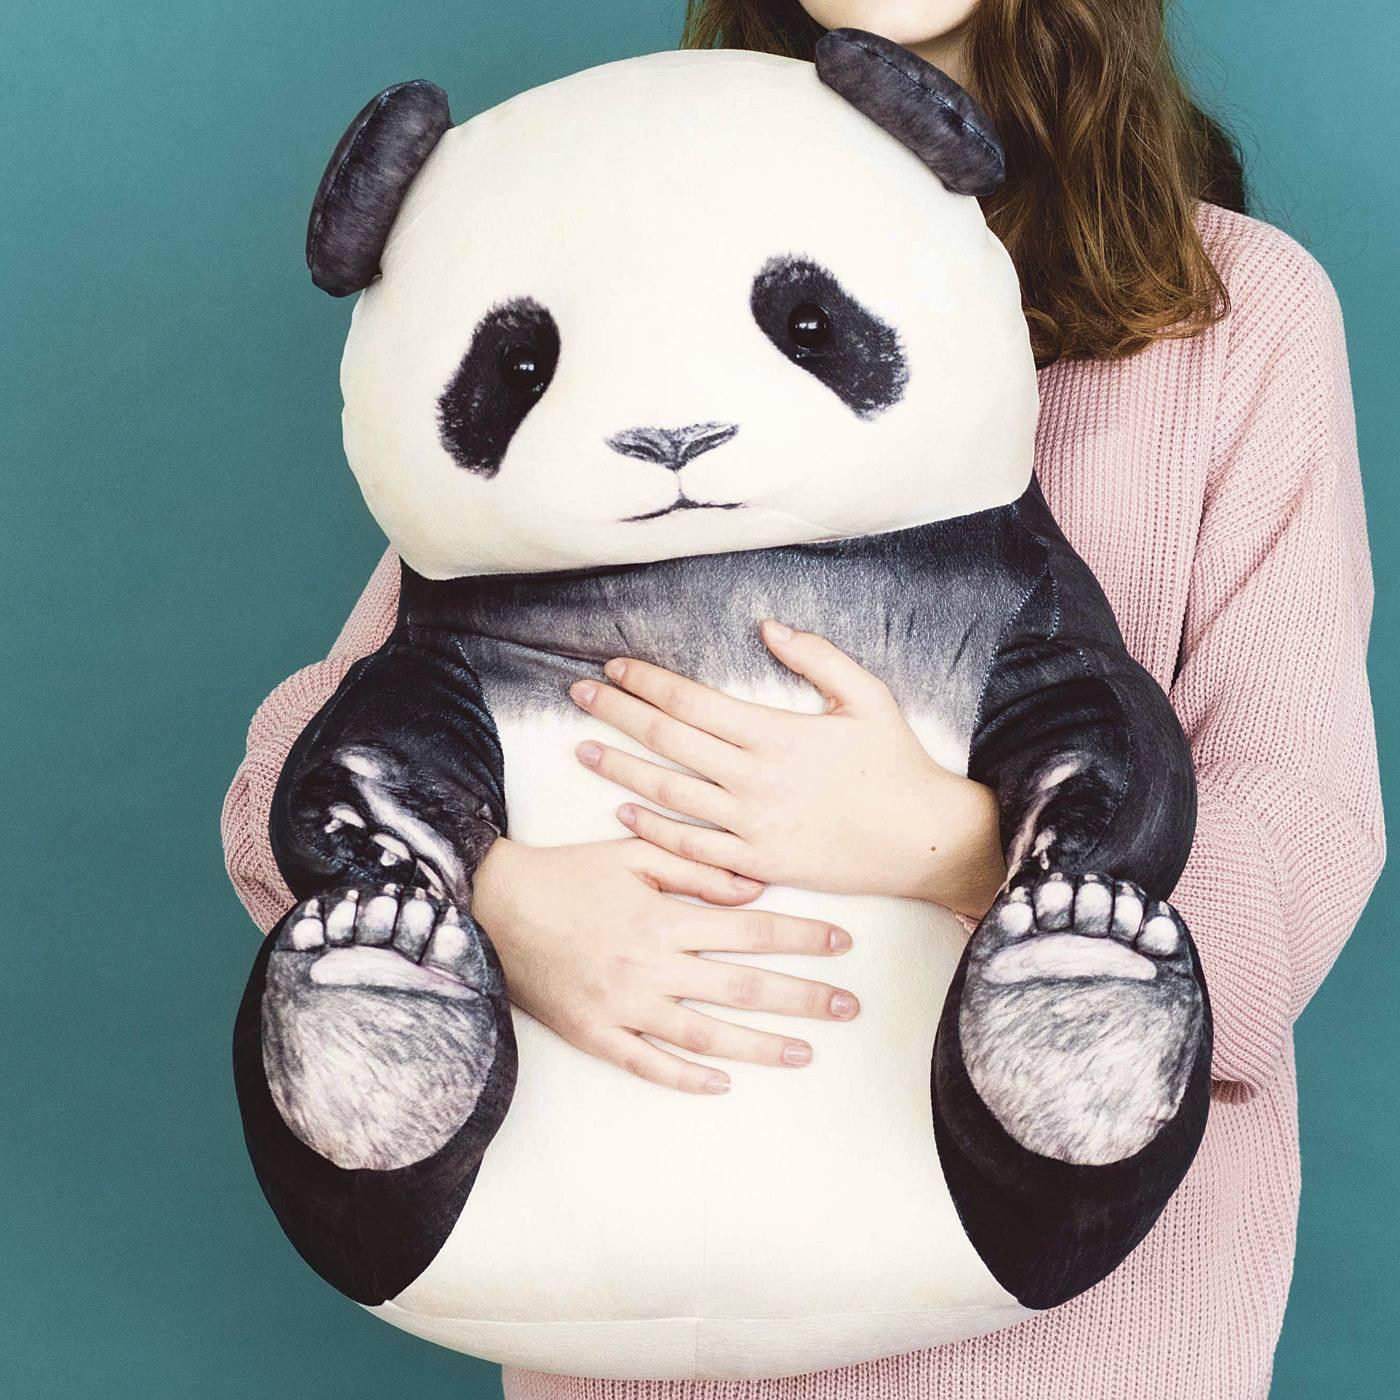 フェリシモ YOU+MORE! おすわりパンダのもっちりビッグクッション